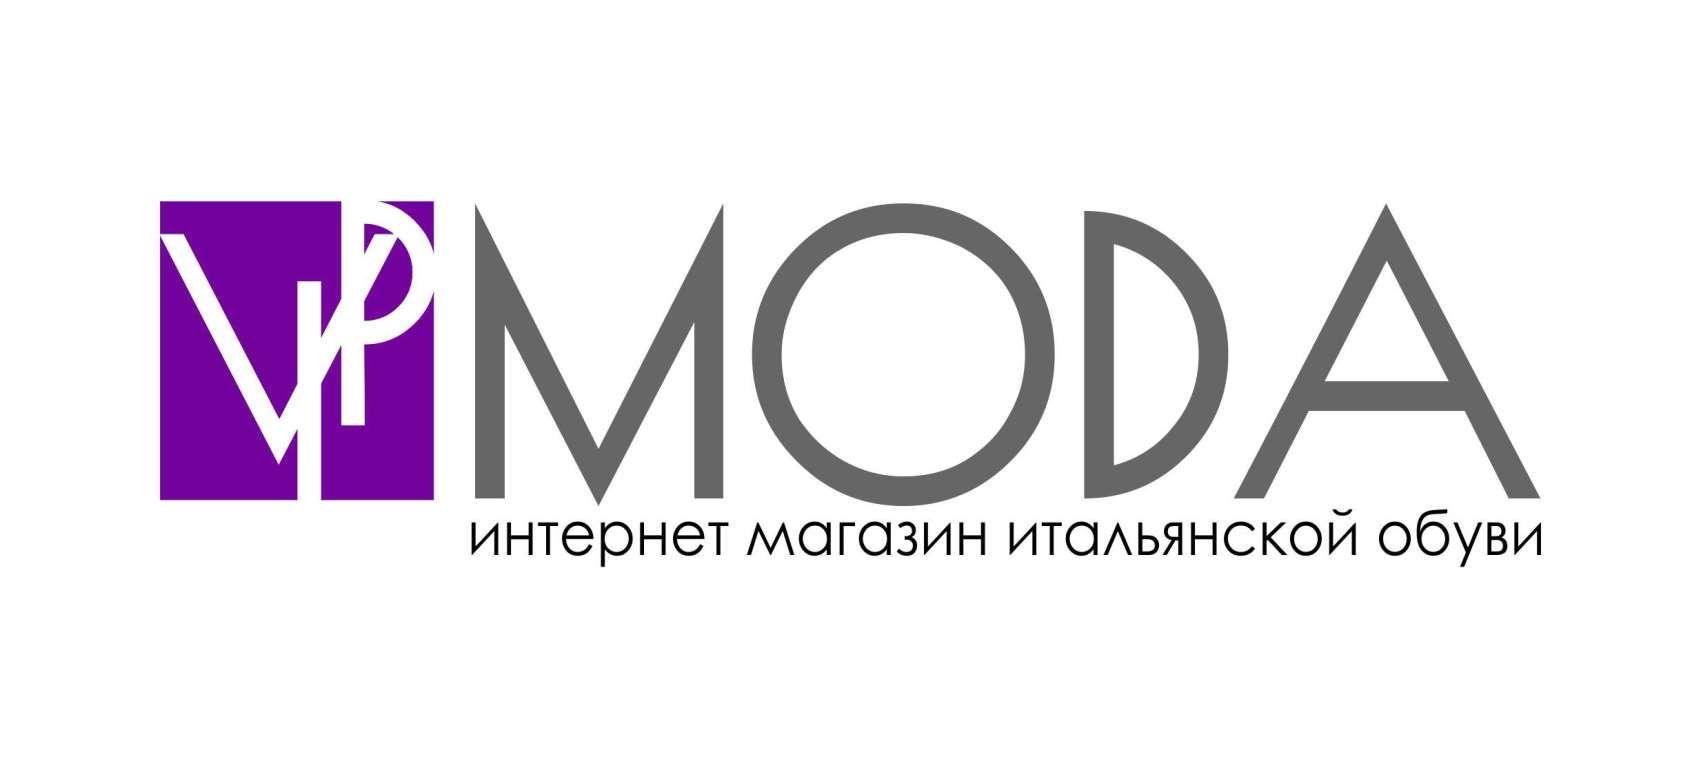 Лого и фирменный стиль компании ВИПМОДА  - дизайнер leka23